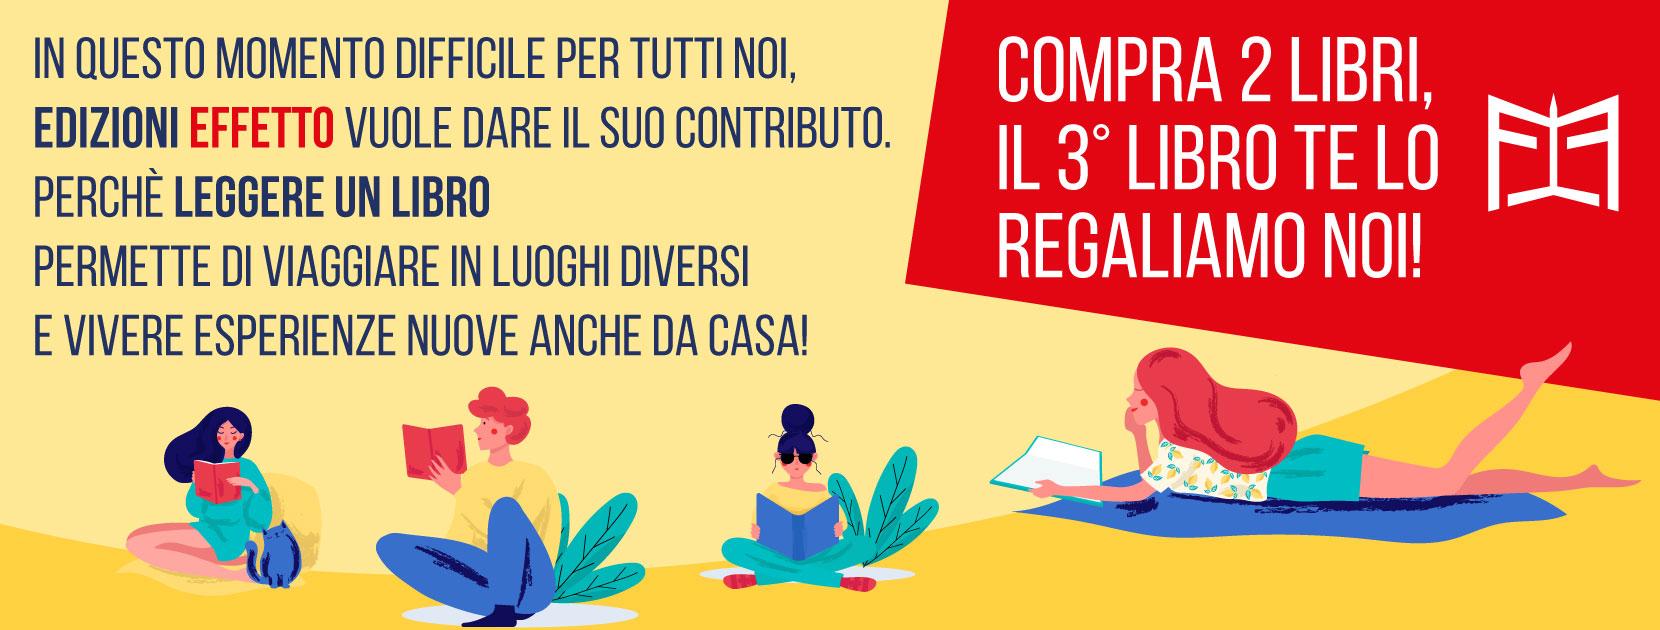 Edizioni Effetto: compra 2 libri, il terzo libro te lo regaliamo noi!